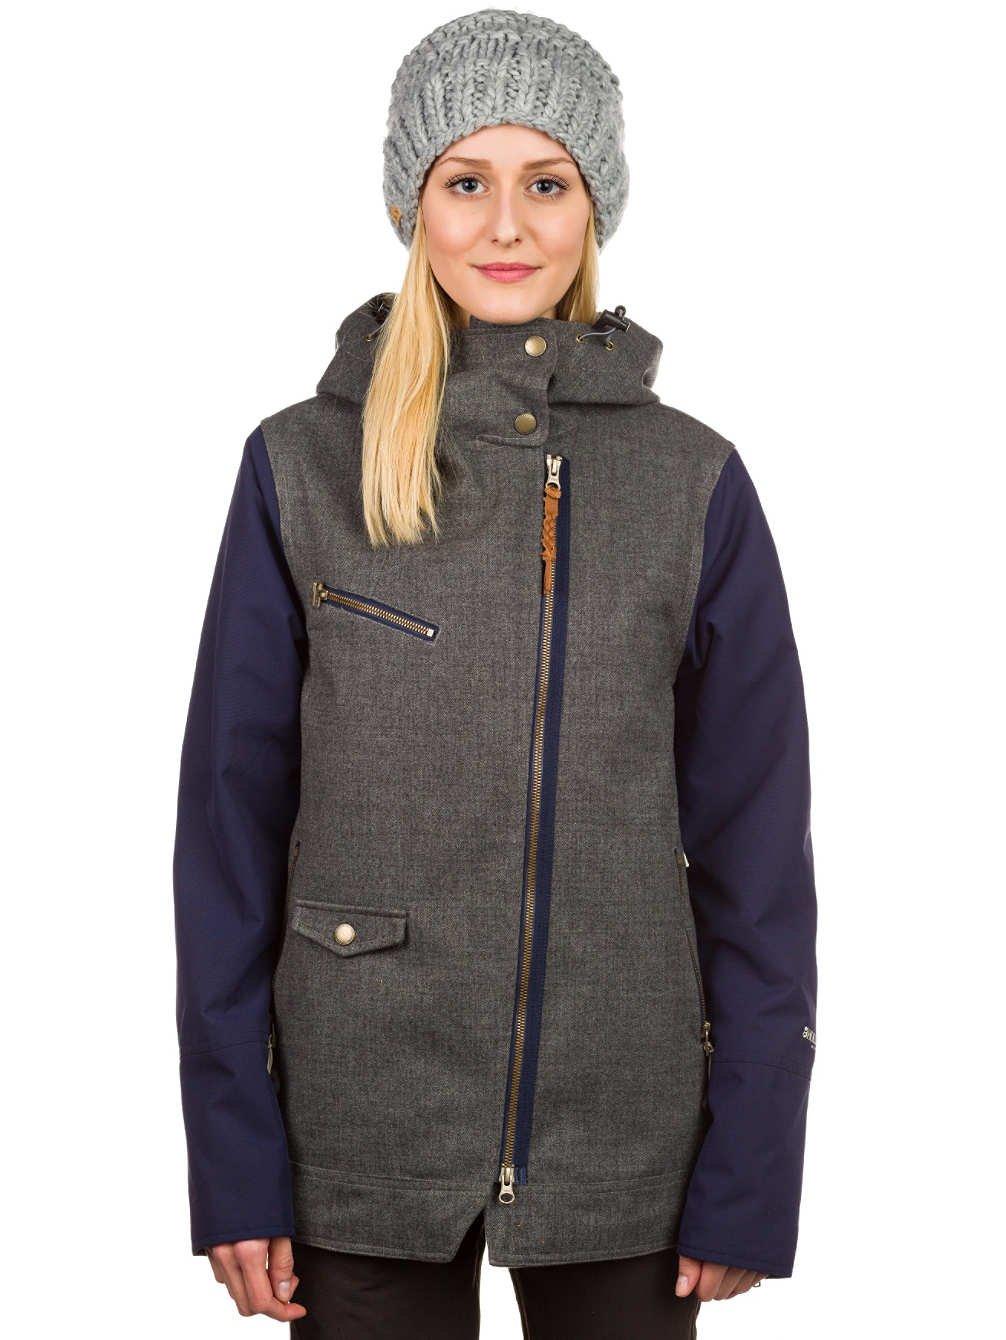 Damen Snowboard Jacke Holden Moto Jacket günstig